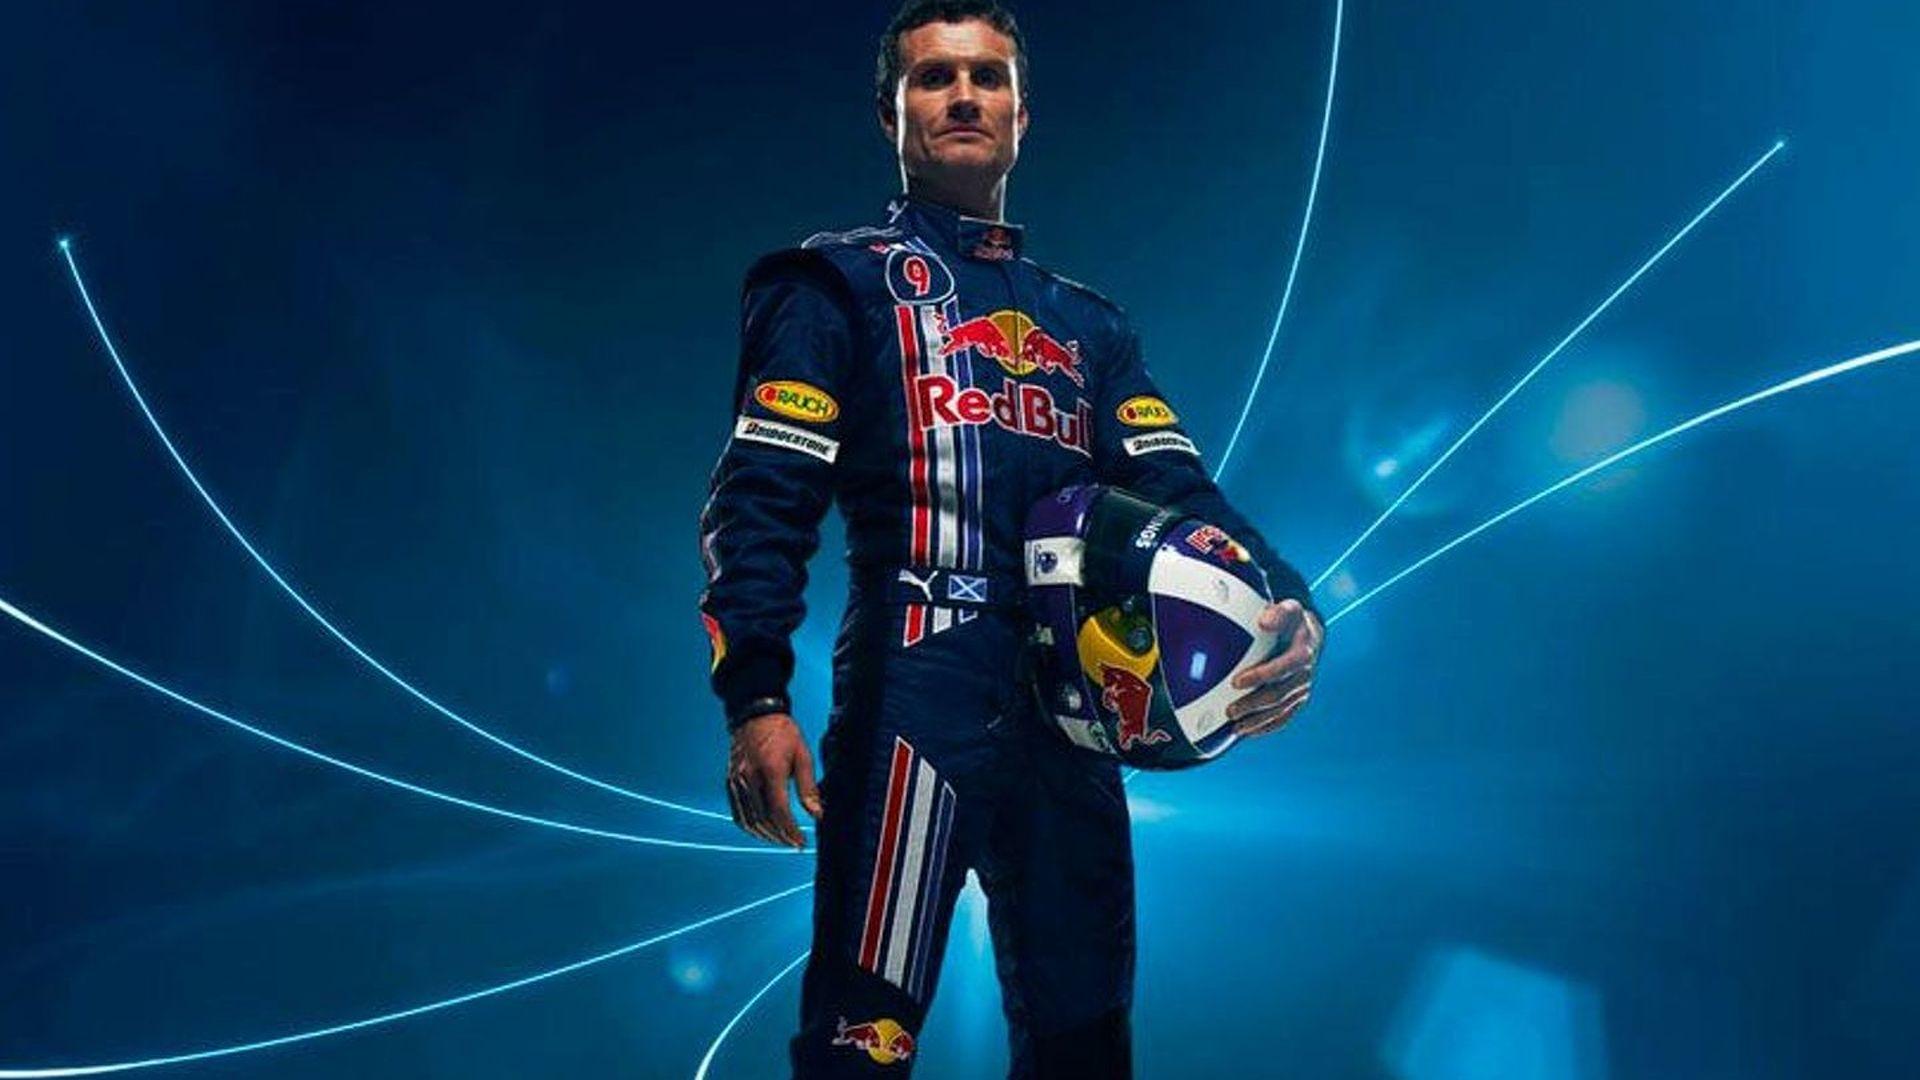 Coulthard joins Ferrari in slamming F1's new teams